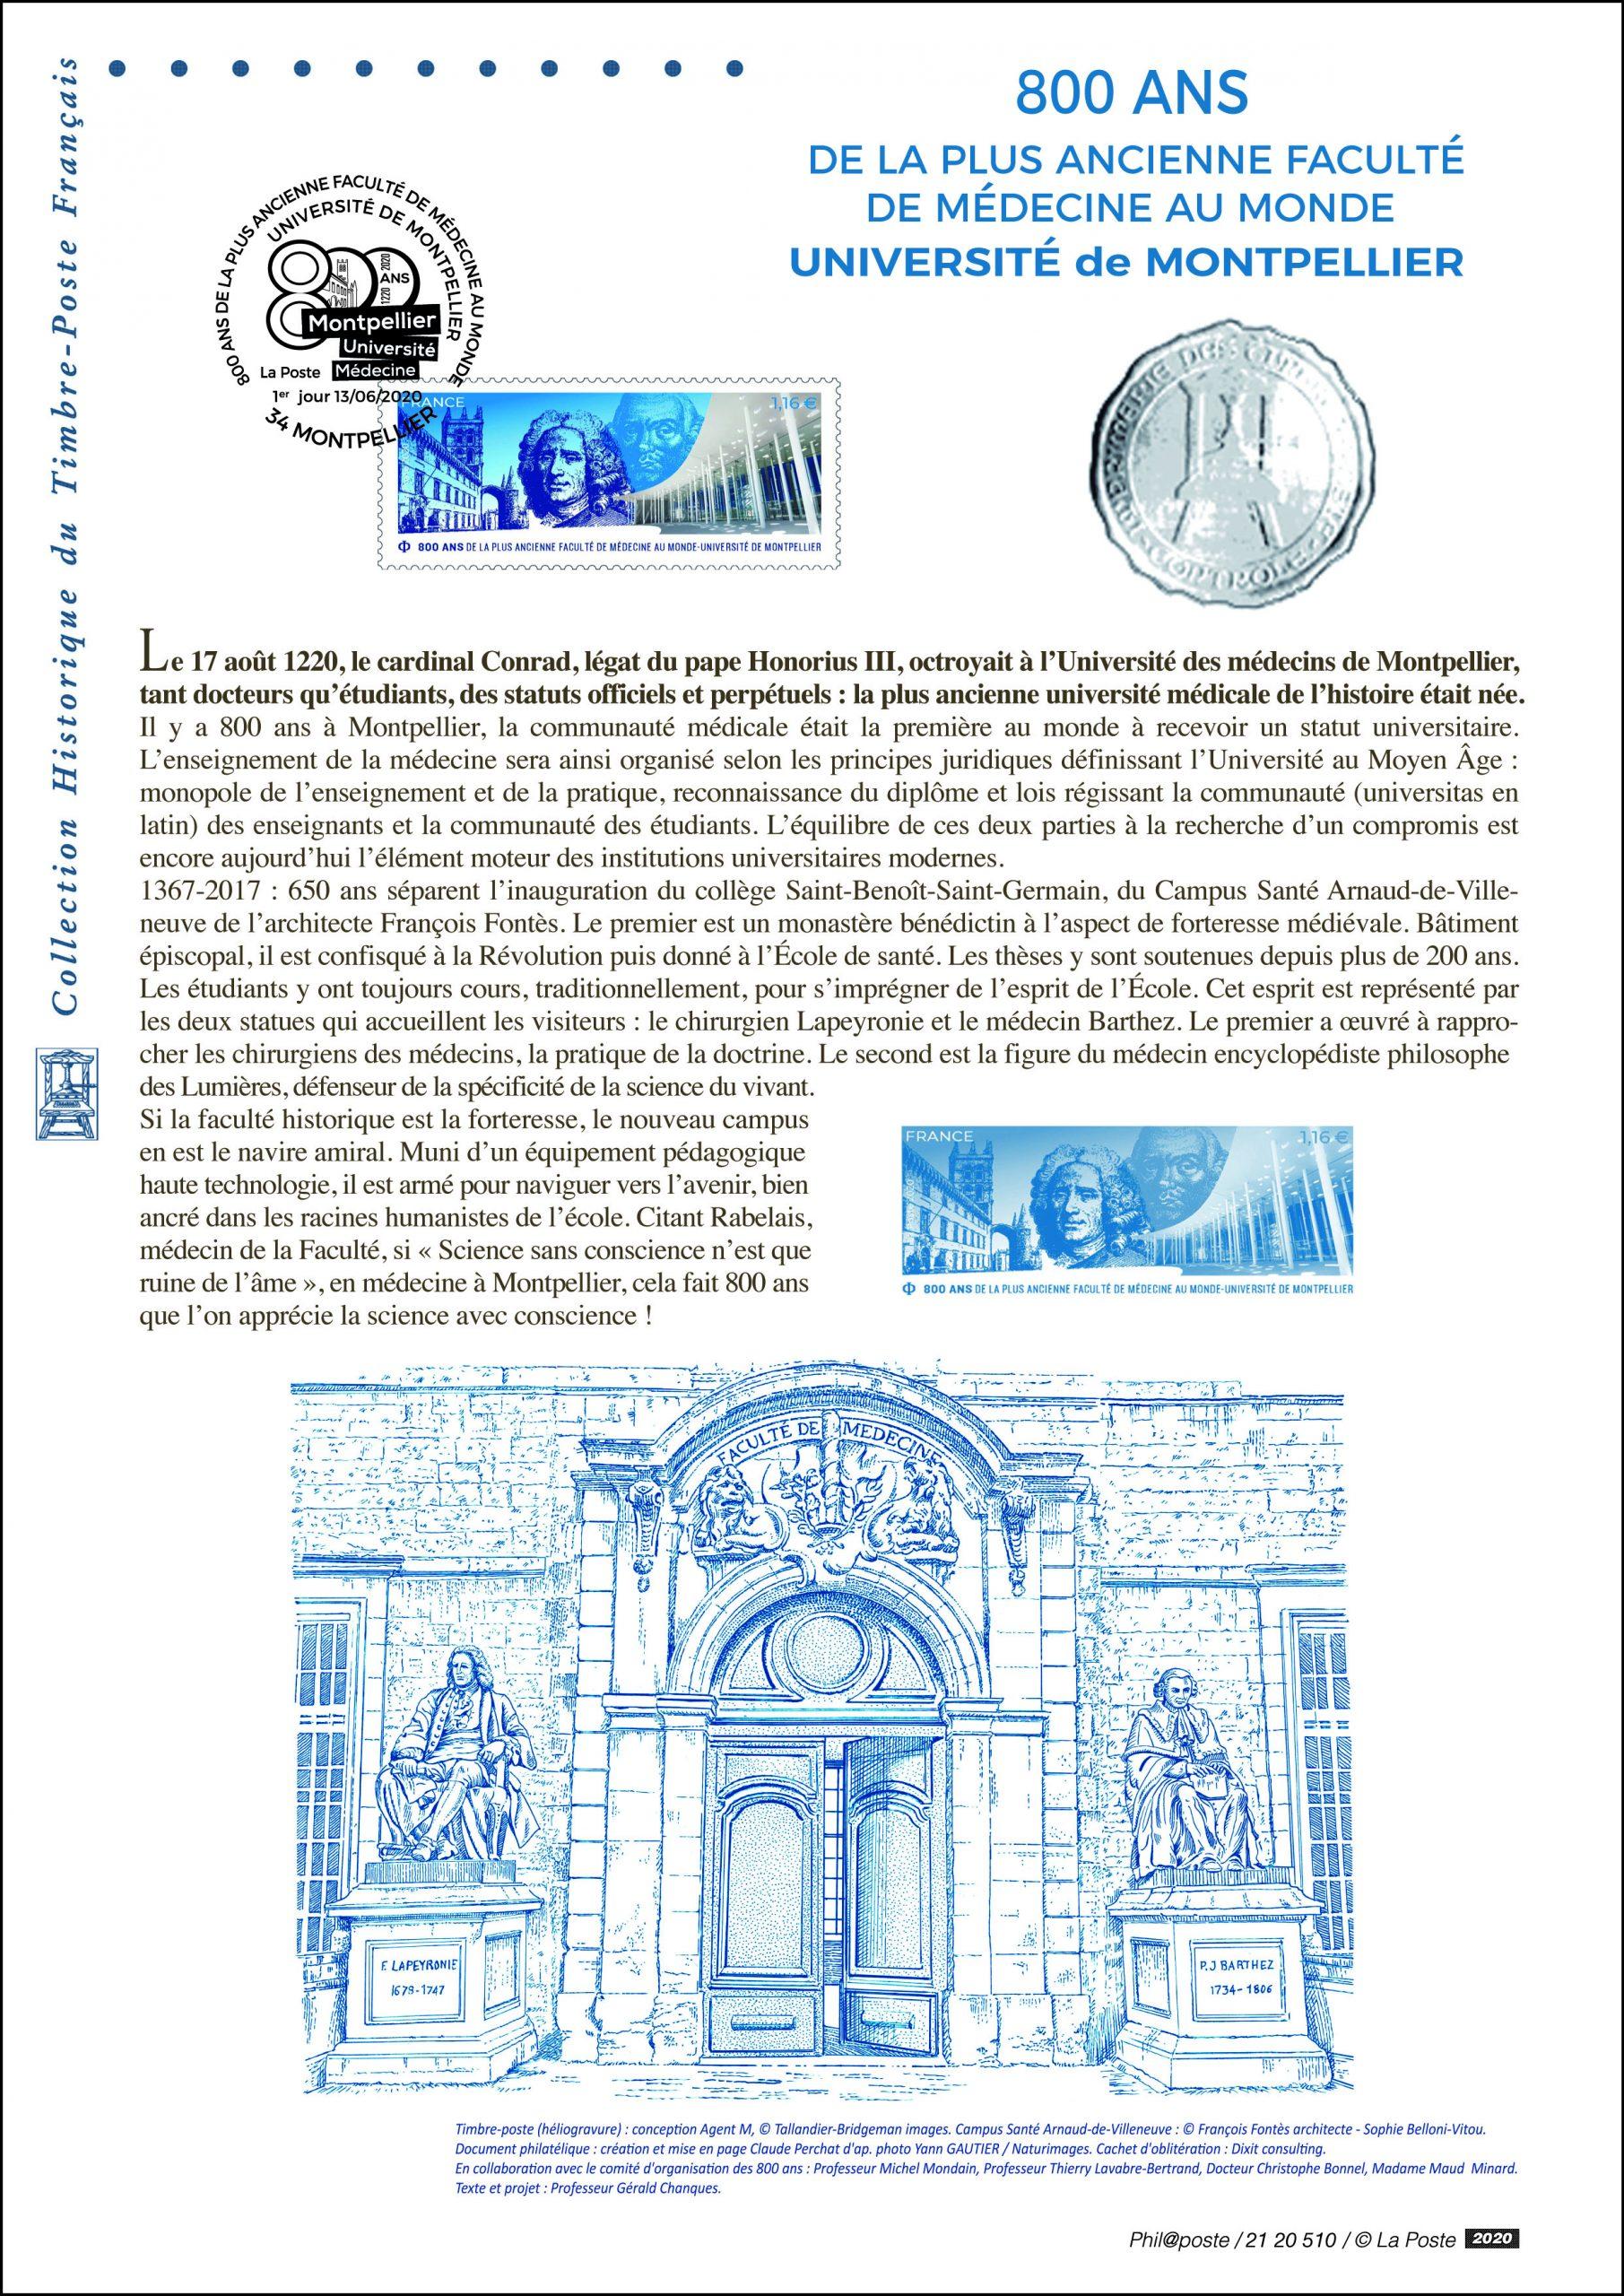 Les coulisses de l'obtention d'un timbre à l'effigie des 800 ans : témoignages